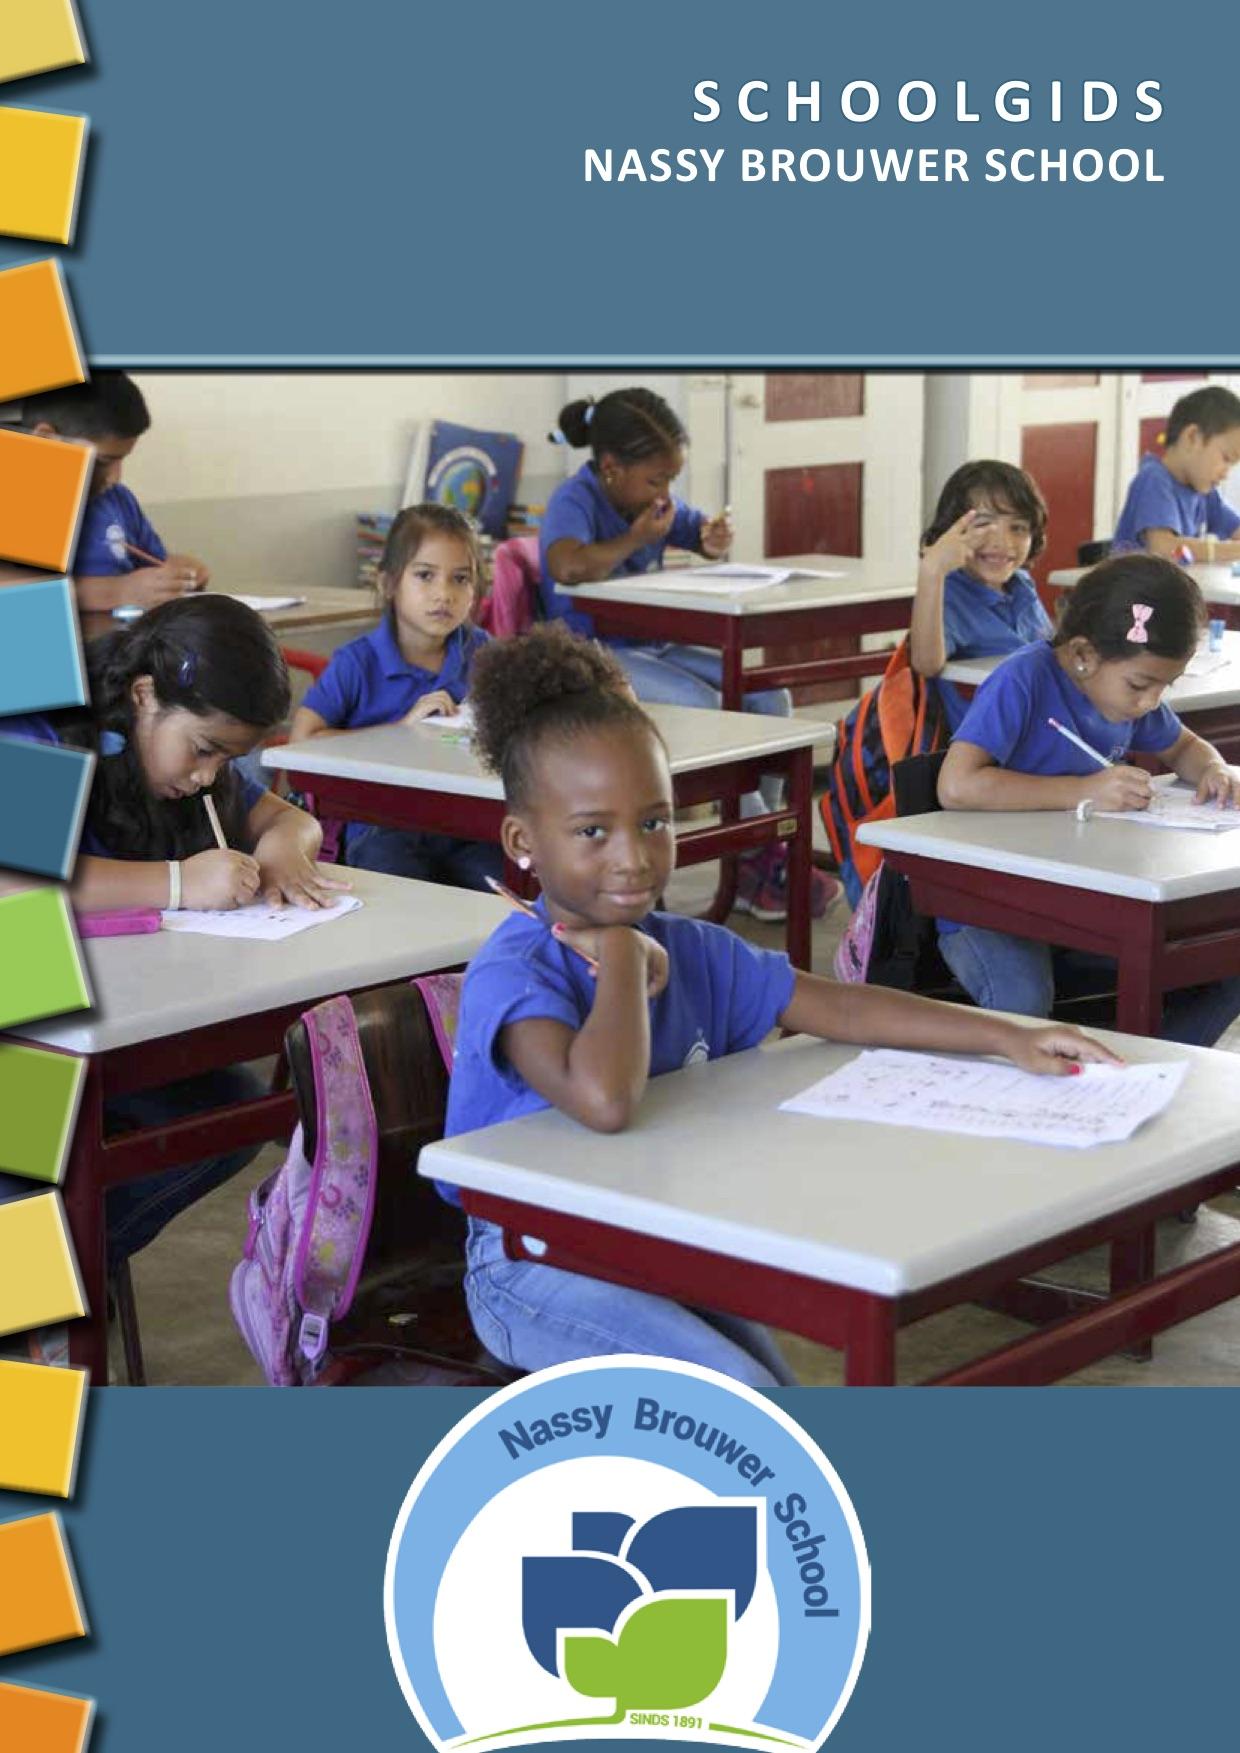 Schoolgids Nassy Brouwer School 2017 - 2018